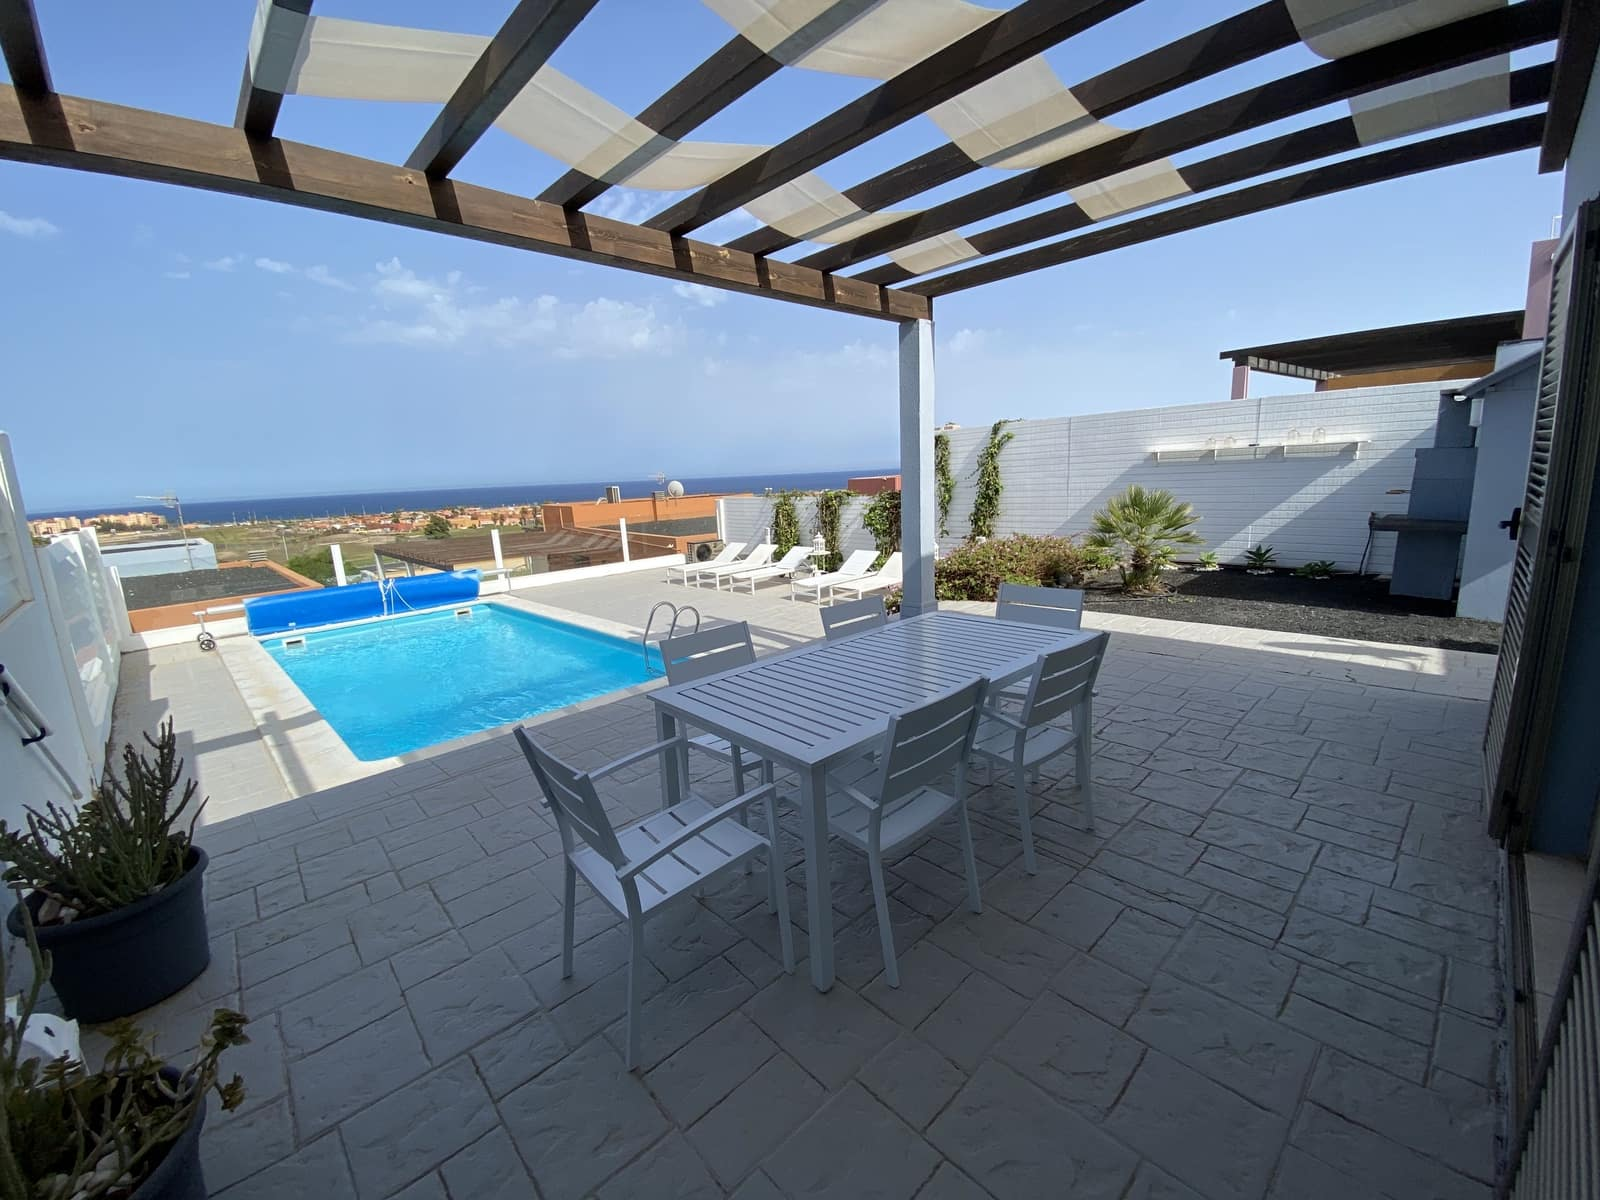 Pareado de 3 habitaciones en Caleta de Fuste en venta con piscina garaje - 327.000 € (Ref: 5627132)